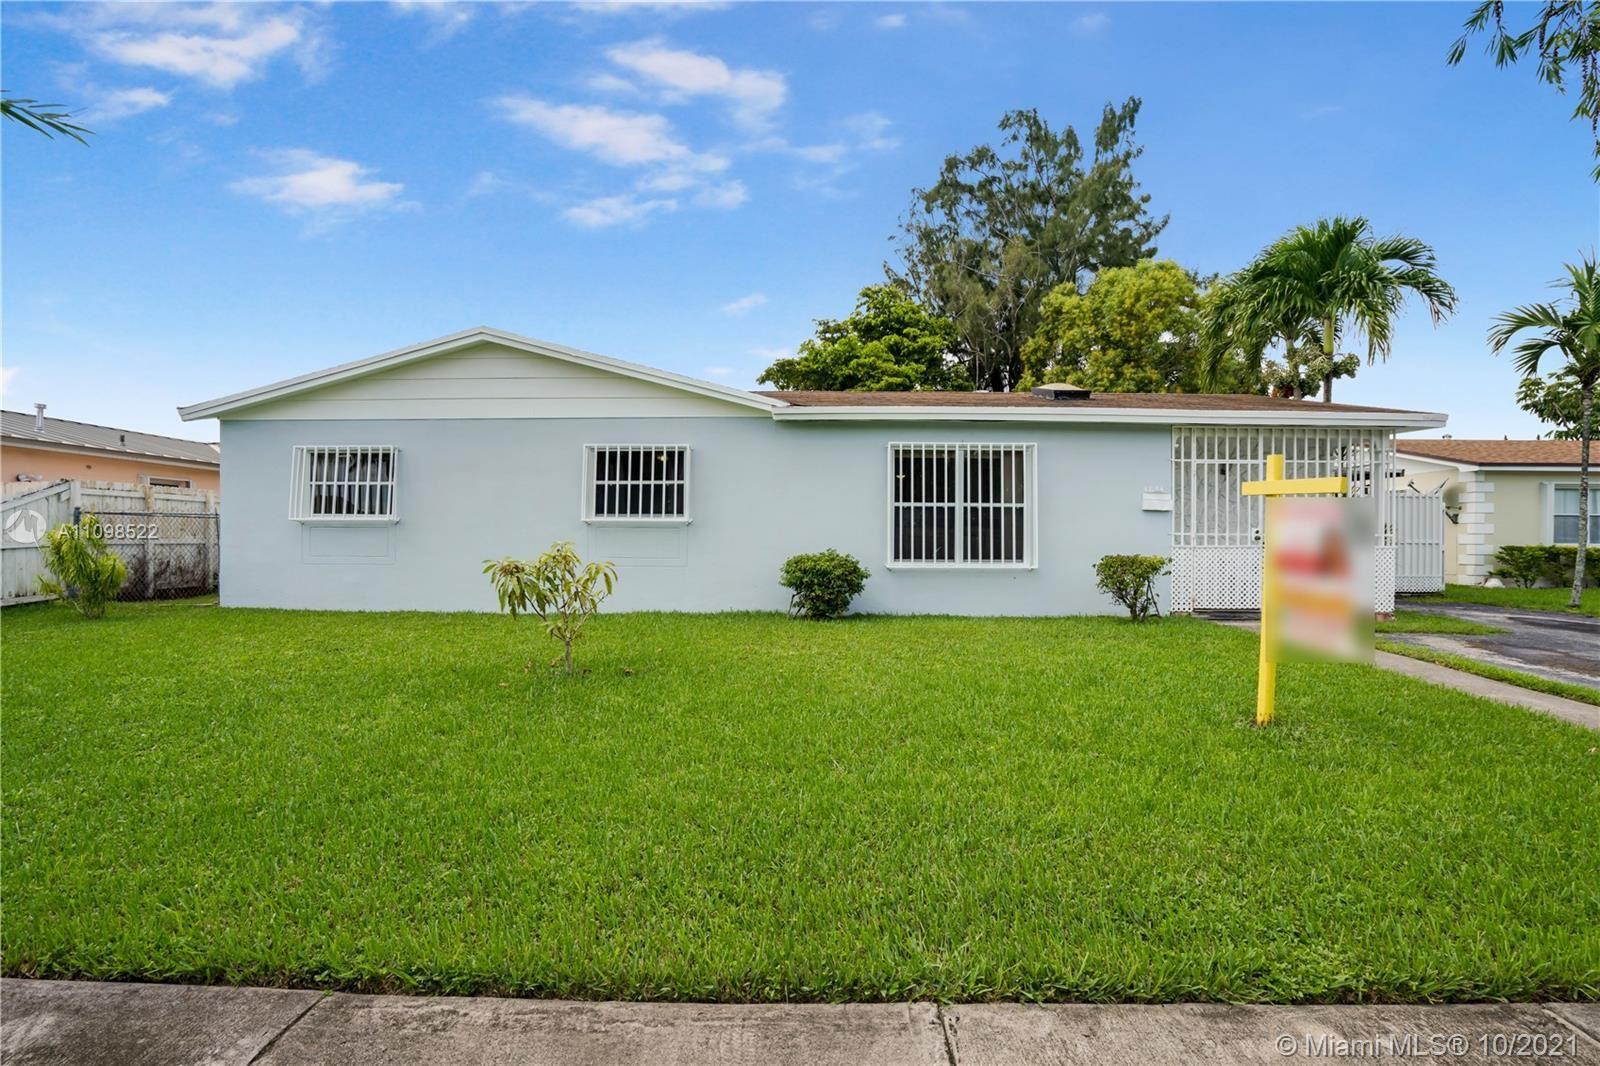 4624 SW 128th Pl, Miami, FL 33175 - #: A11098522